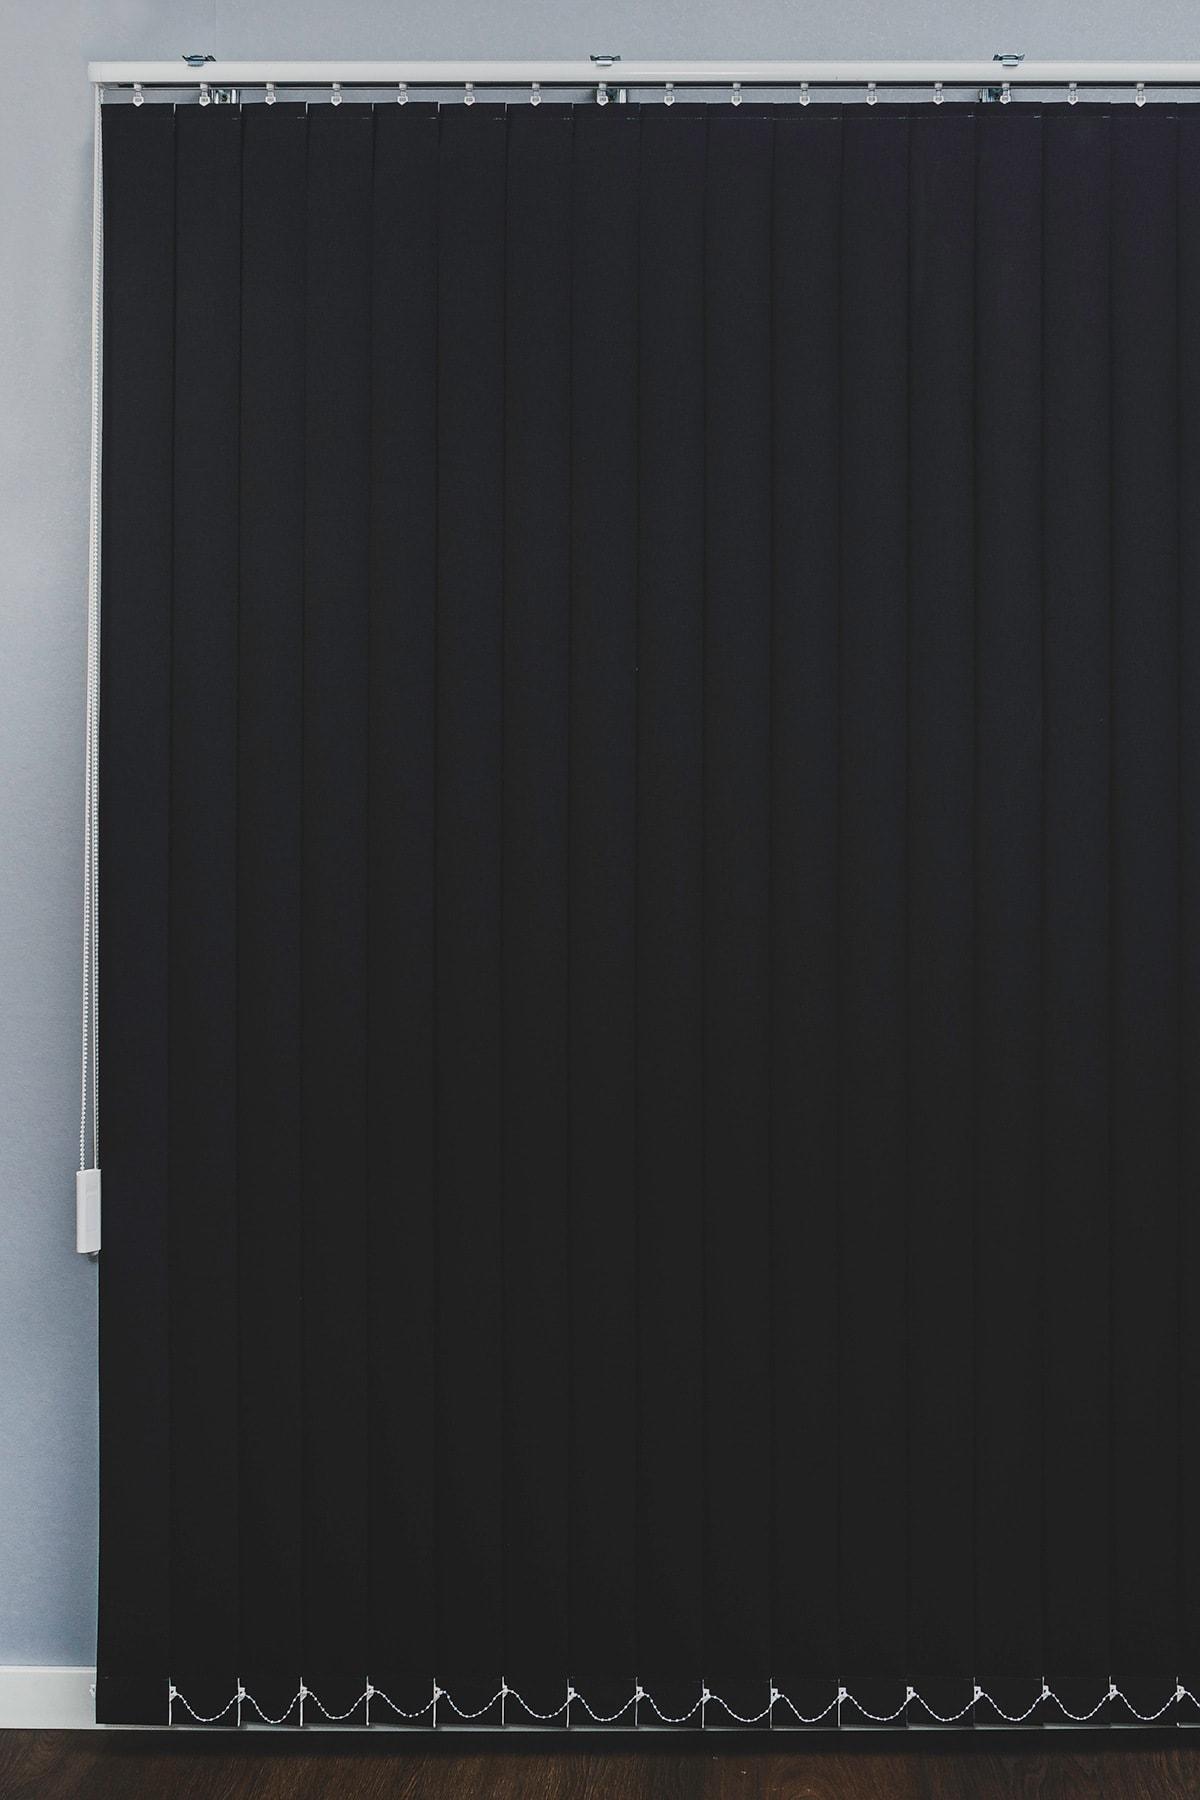 VENTİ PERDE Siyah Karartma Dikey Stor Perde Işık Geçirmez Blackout Perde 1